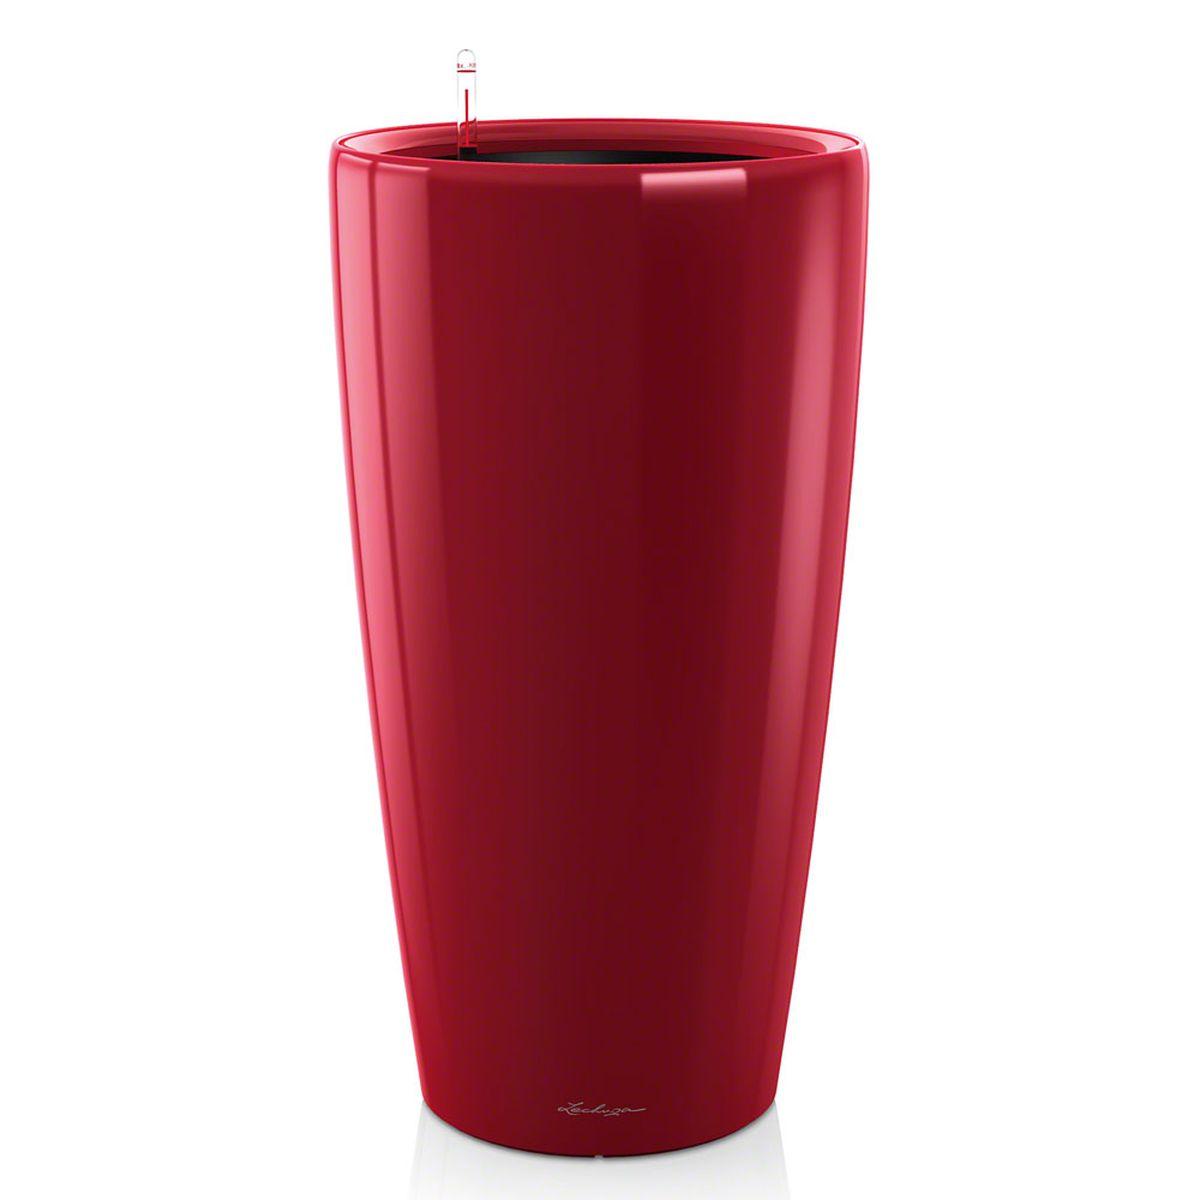 Кашпо Lechuza Rondo, с системой автополива, цвет: красный, диаметр 32 см15799Кашпо Lechuza Rondo, изготовленное из высококачественного пластика, идеальное решение для тех, кто регулярно забывает поливать комнатные растения. Стильный дизайн позволит украсить растениями офис, кафе или любое другое помещение. Кашпо Lechuza Rondo с системой автополива упростит уход за вашими цветами и поможет растениям получать то количество влаги, которое им необходимо в данный момент времени. В набор входит: кашпо, внутренний горшок, индикатор уровня воды, вал подачи воды, субстрат растений в качестве дренажного слоя, резервуар для воды. Внутренний горшок, оснащенный выдвижными ручками, обеспечивает: - легкую переноску даже высоких растений; - легкую смену растений; - можно также просто убрать растения на зиму; - винт в днище позволяет стечь излишней дождевой воде наружу. Кашпо Lechuza Rondo украсит любой интерьер и станет замечательным подарком для ваших родных и близких.